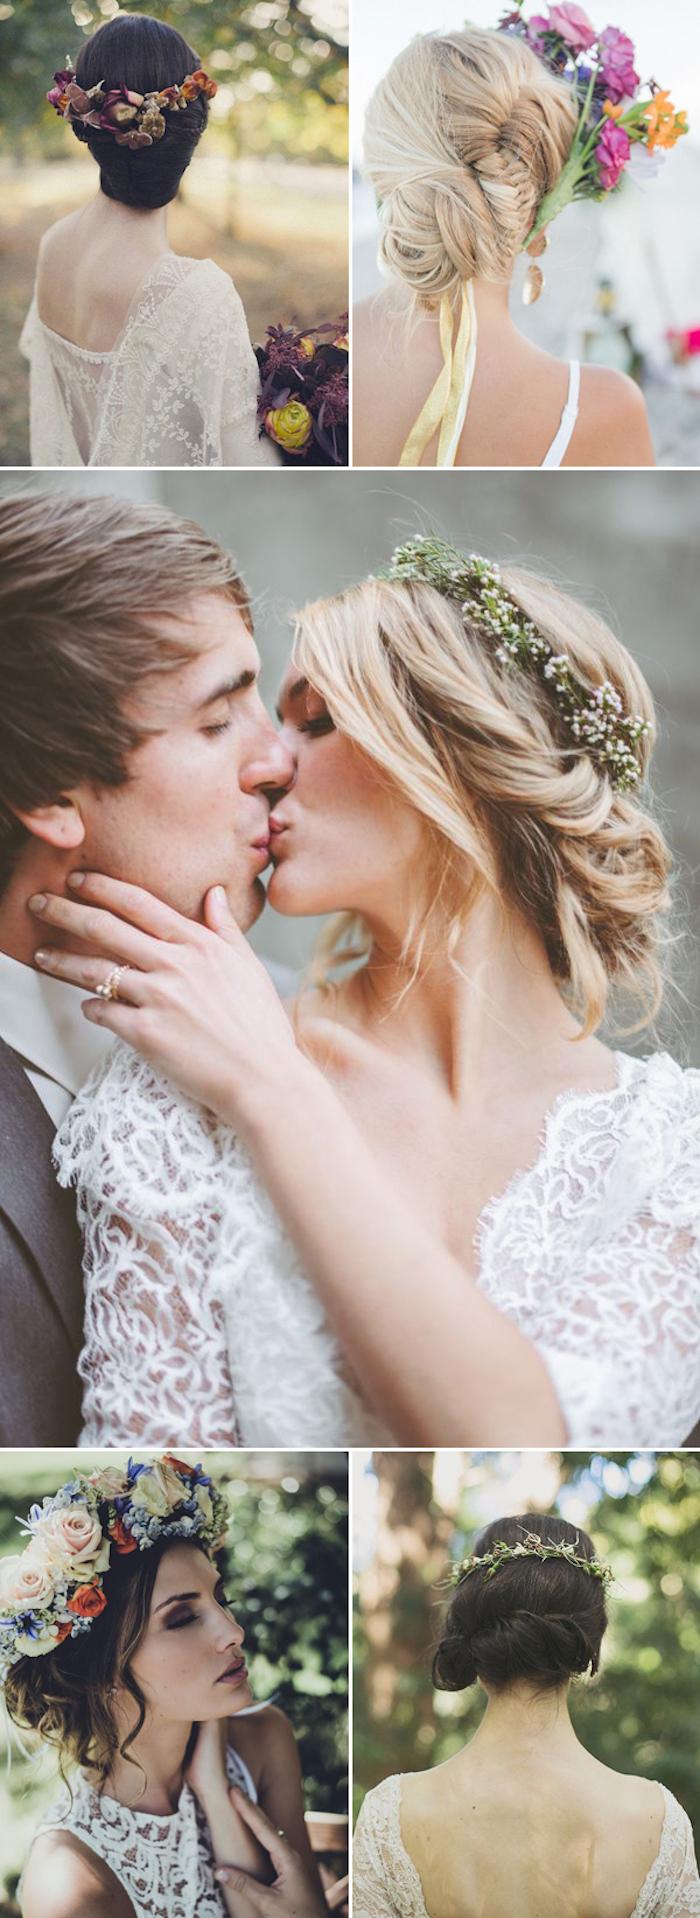 Cool idée hignon boheme coiffure mariage bohème dans un jardin, idée tenue et coiffure ensemble, chignon de tresse, couronne de fleurs mariage